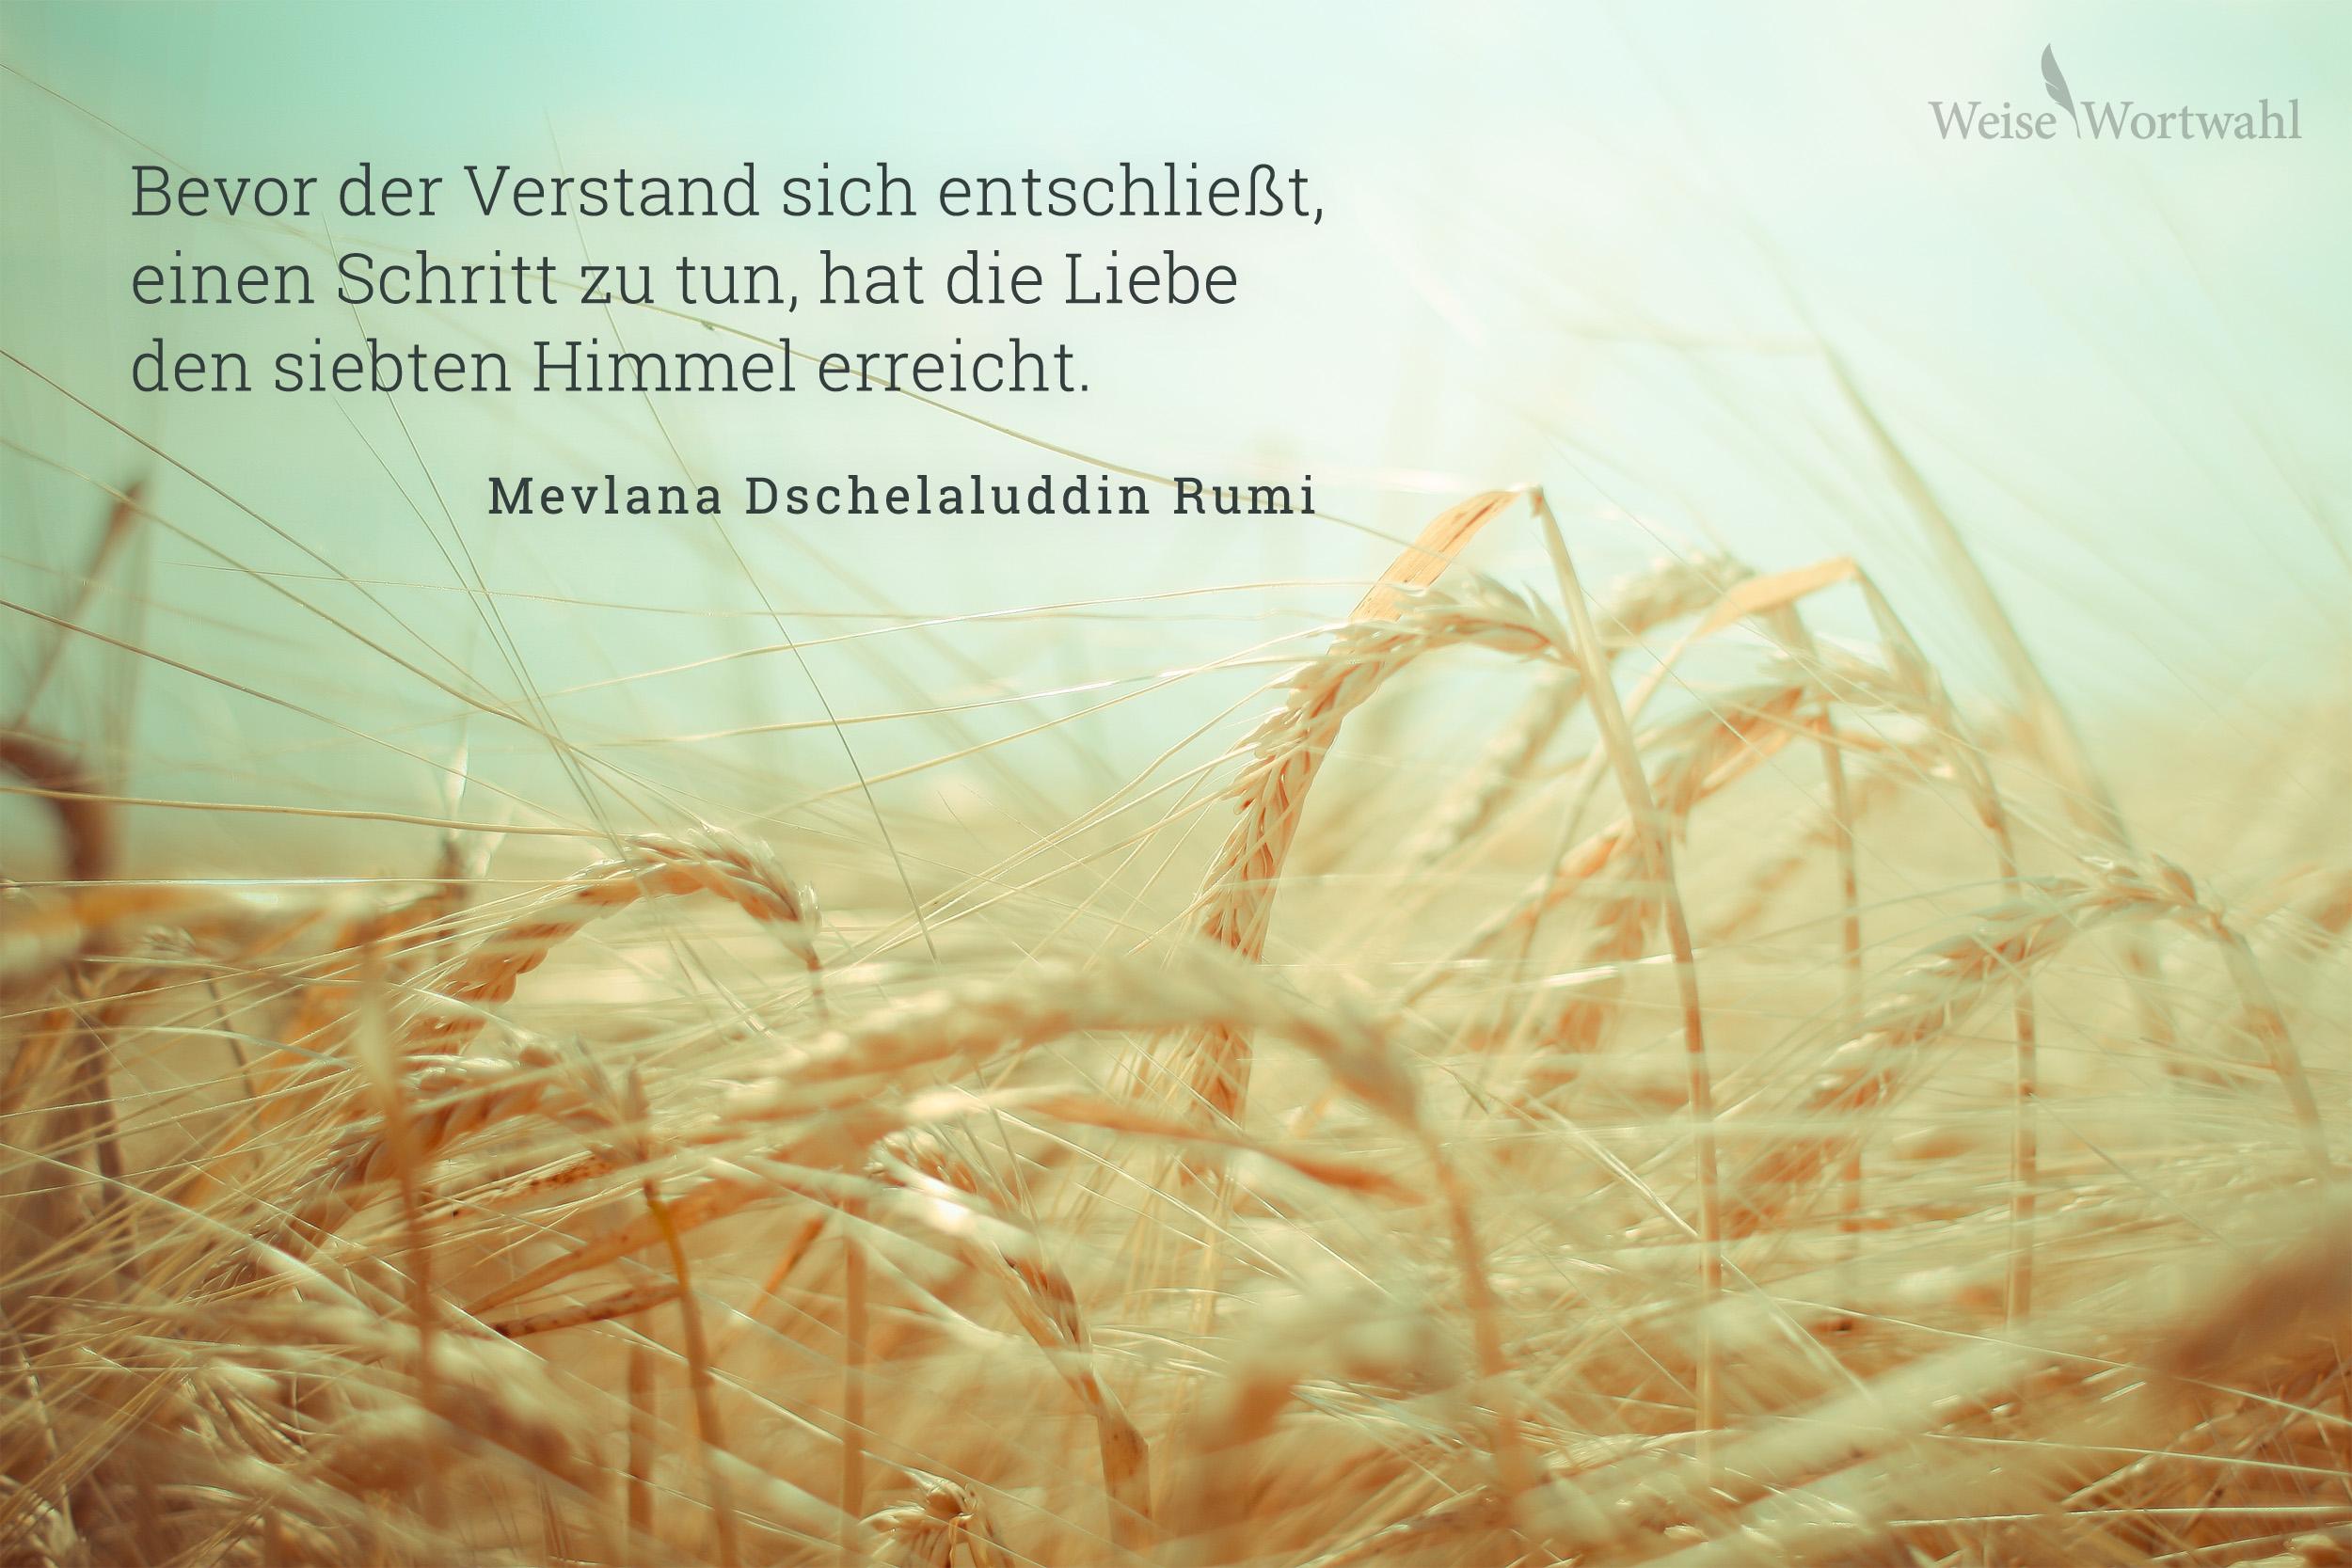 Bevor der Verstand sich entschließt, einen Schritt zu tun, hat die ...: weisewortwahl.de/zitat-hintergrundbilder-desktop